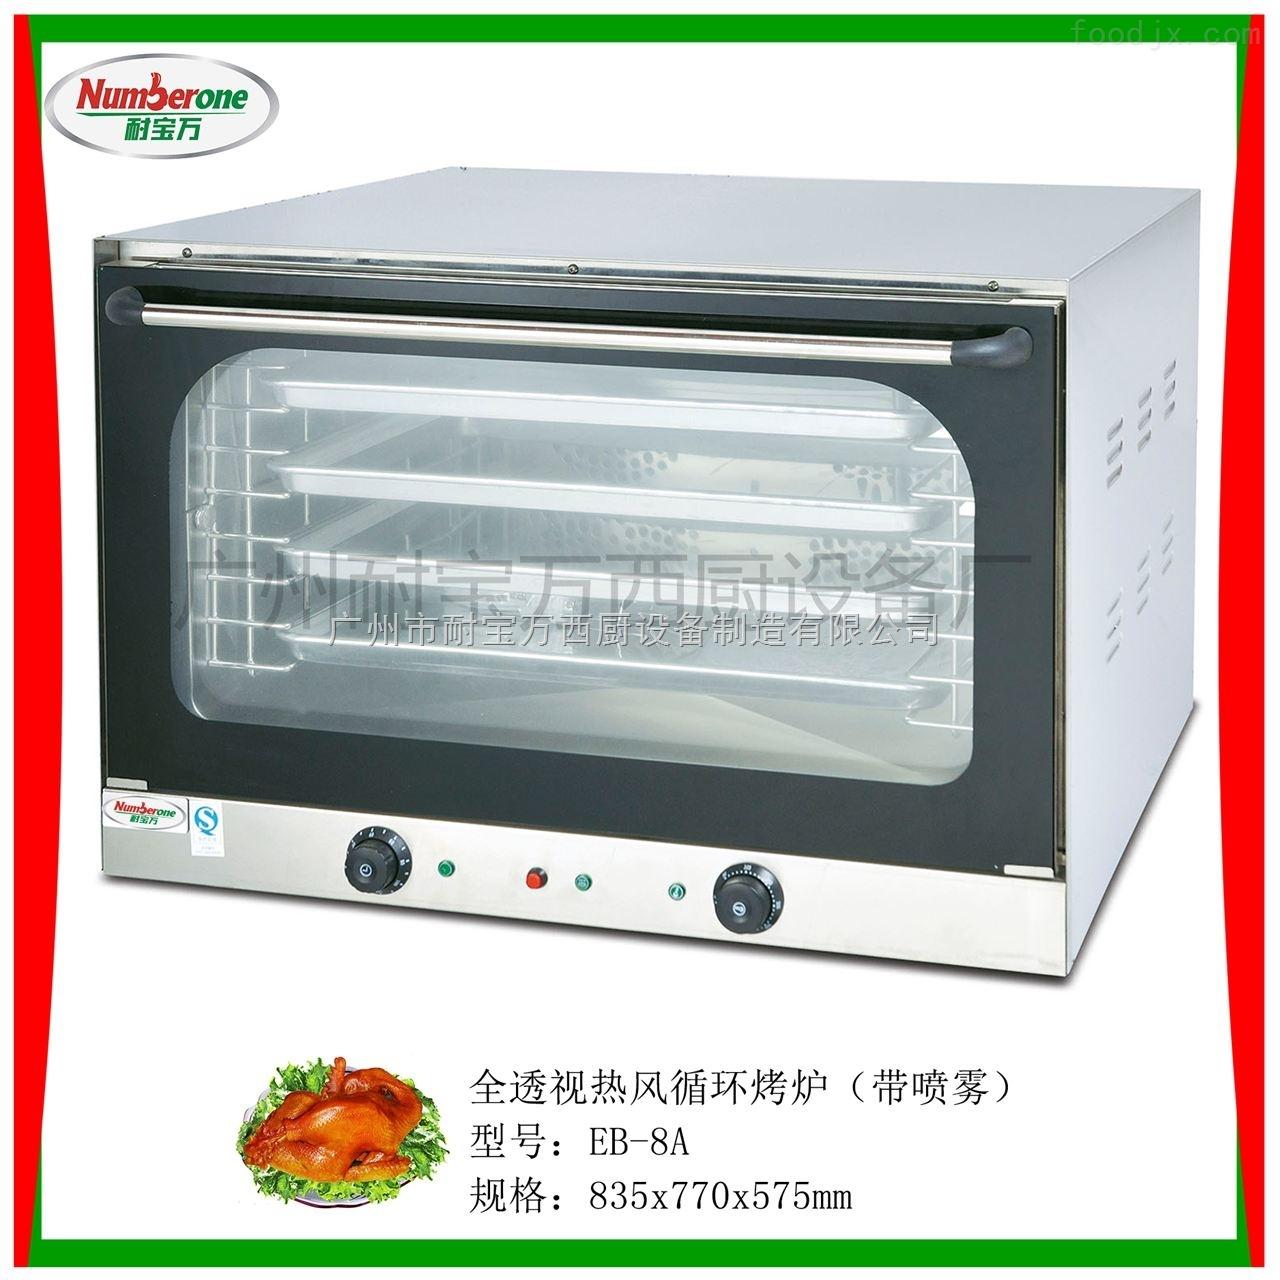 耐宝万EB-8A全热风循环电烤炉/烤箱